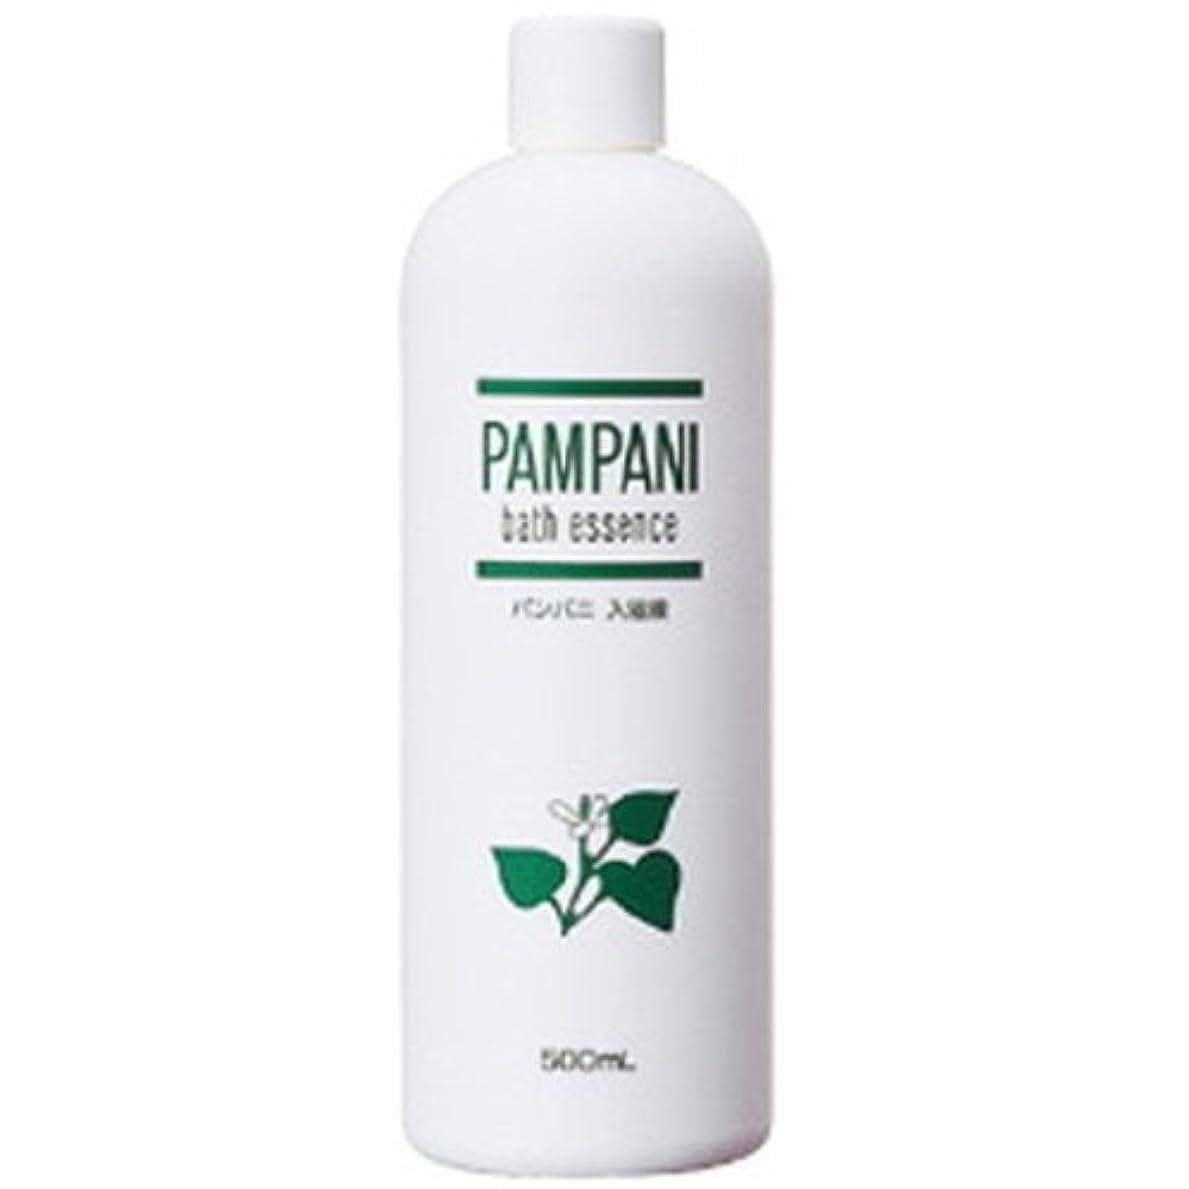 サンドイッチラビリンス温かいパンパニ(PAMPANI) 入浴液(希釈タイプ) 500ml